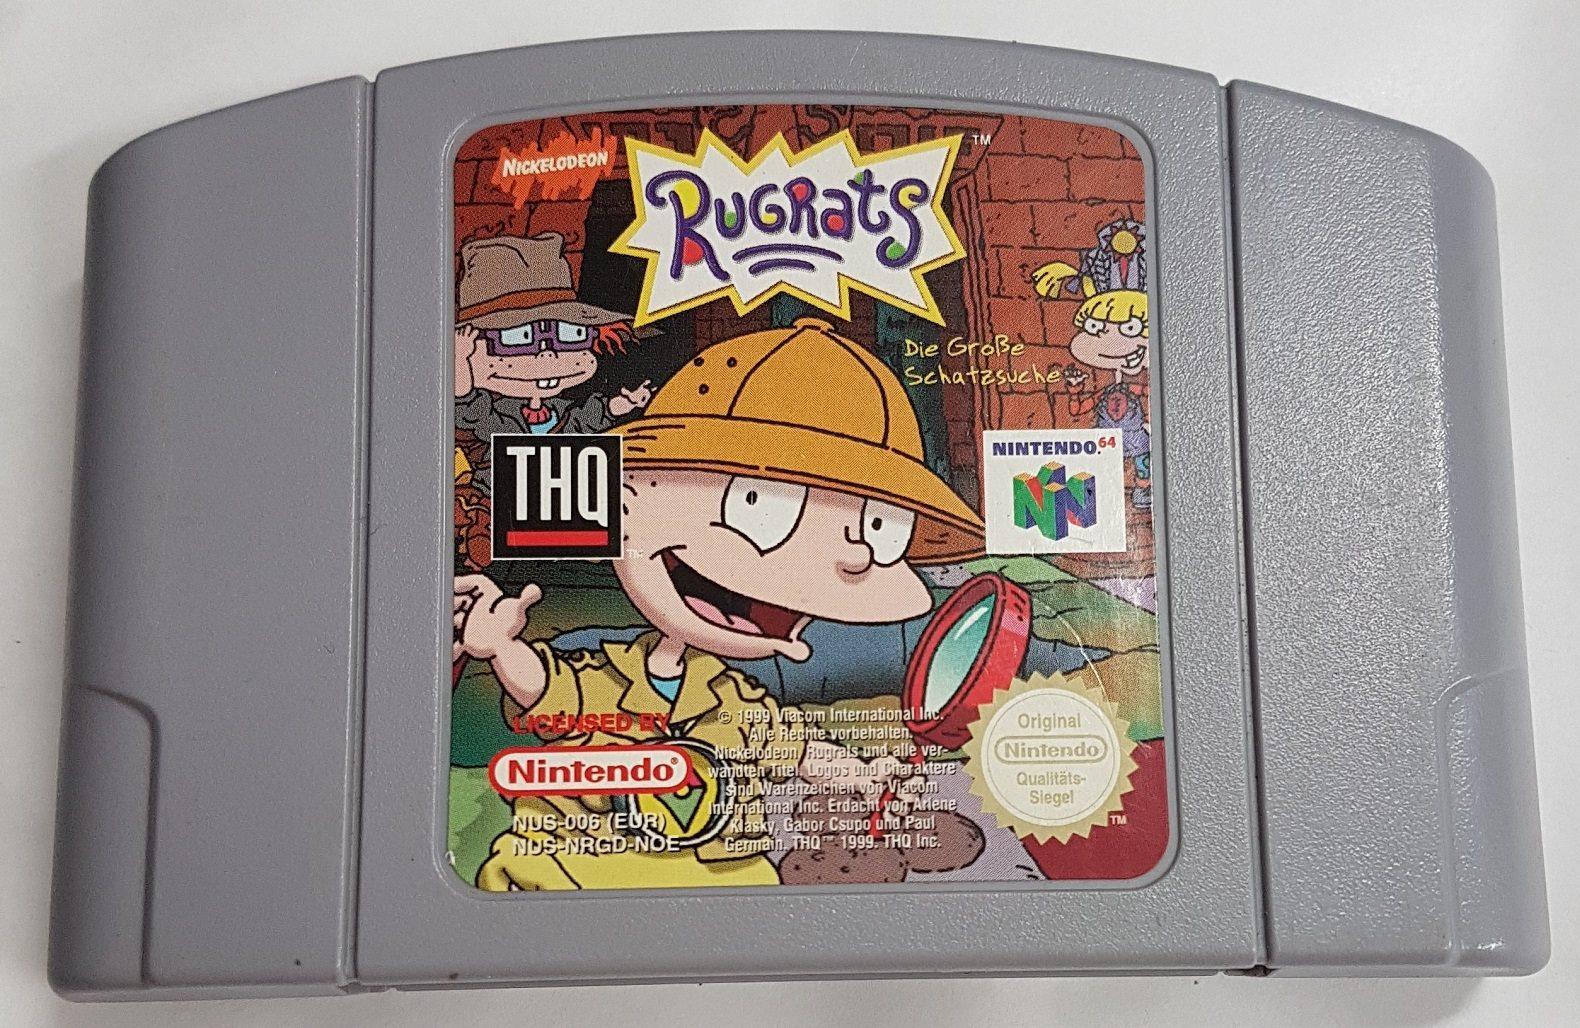 Rugrats - Rug rats - På tyska & Rugrats - Rug rats - På tyska (321356951) ᐈ nostalgibutiken på Tradera